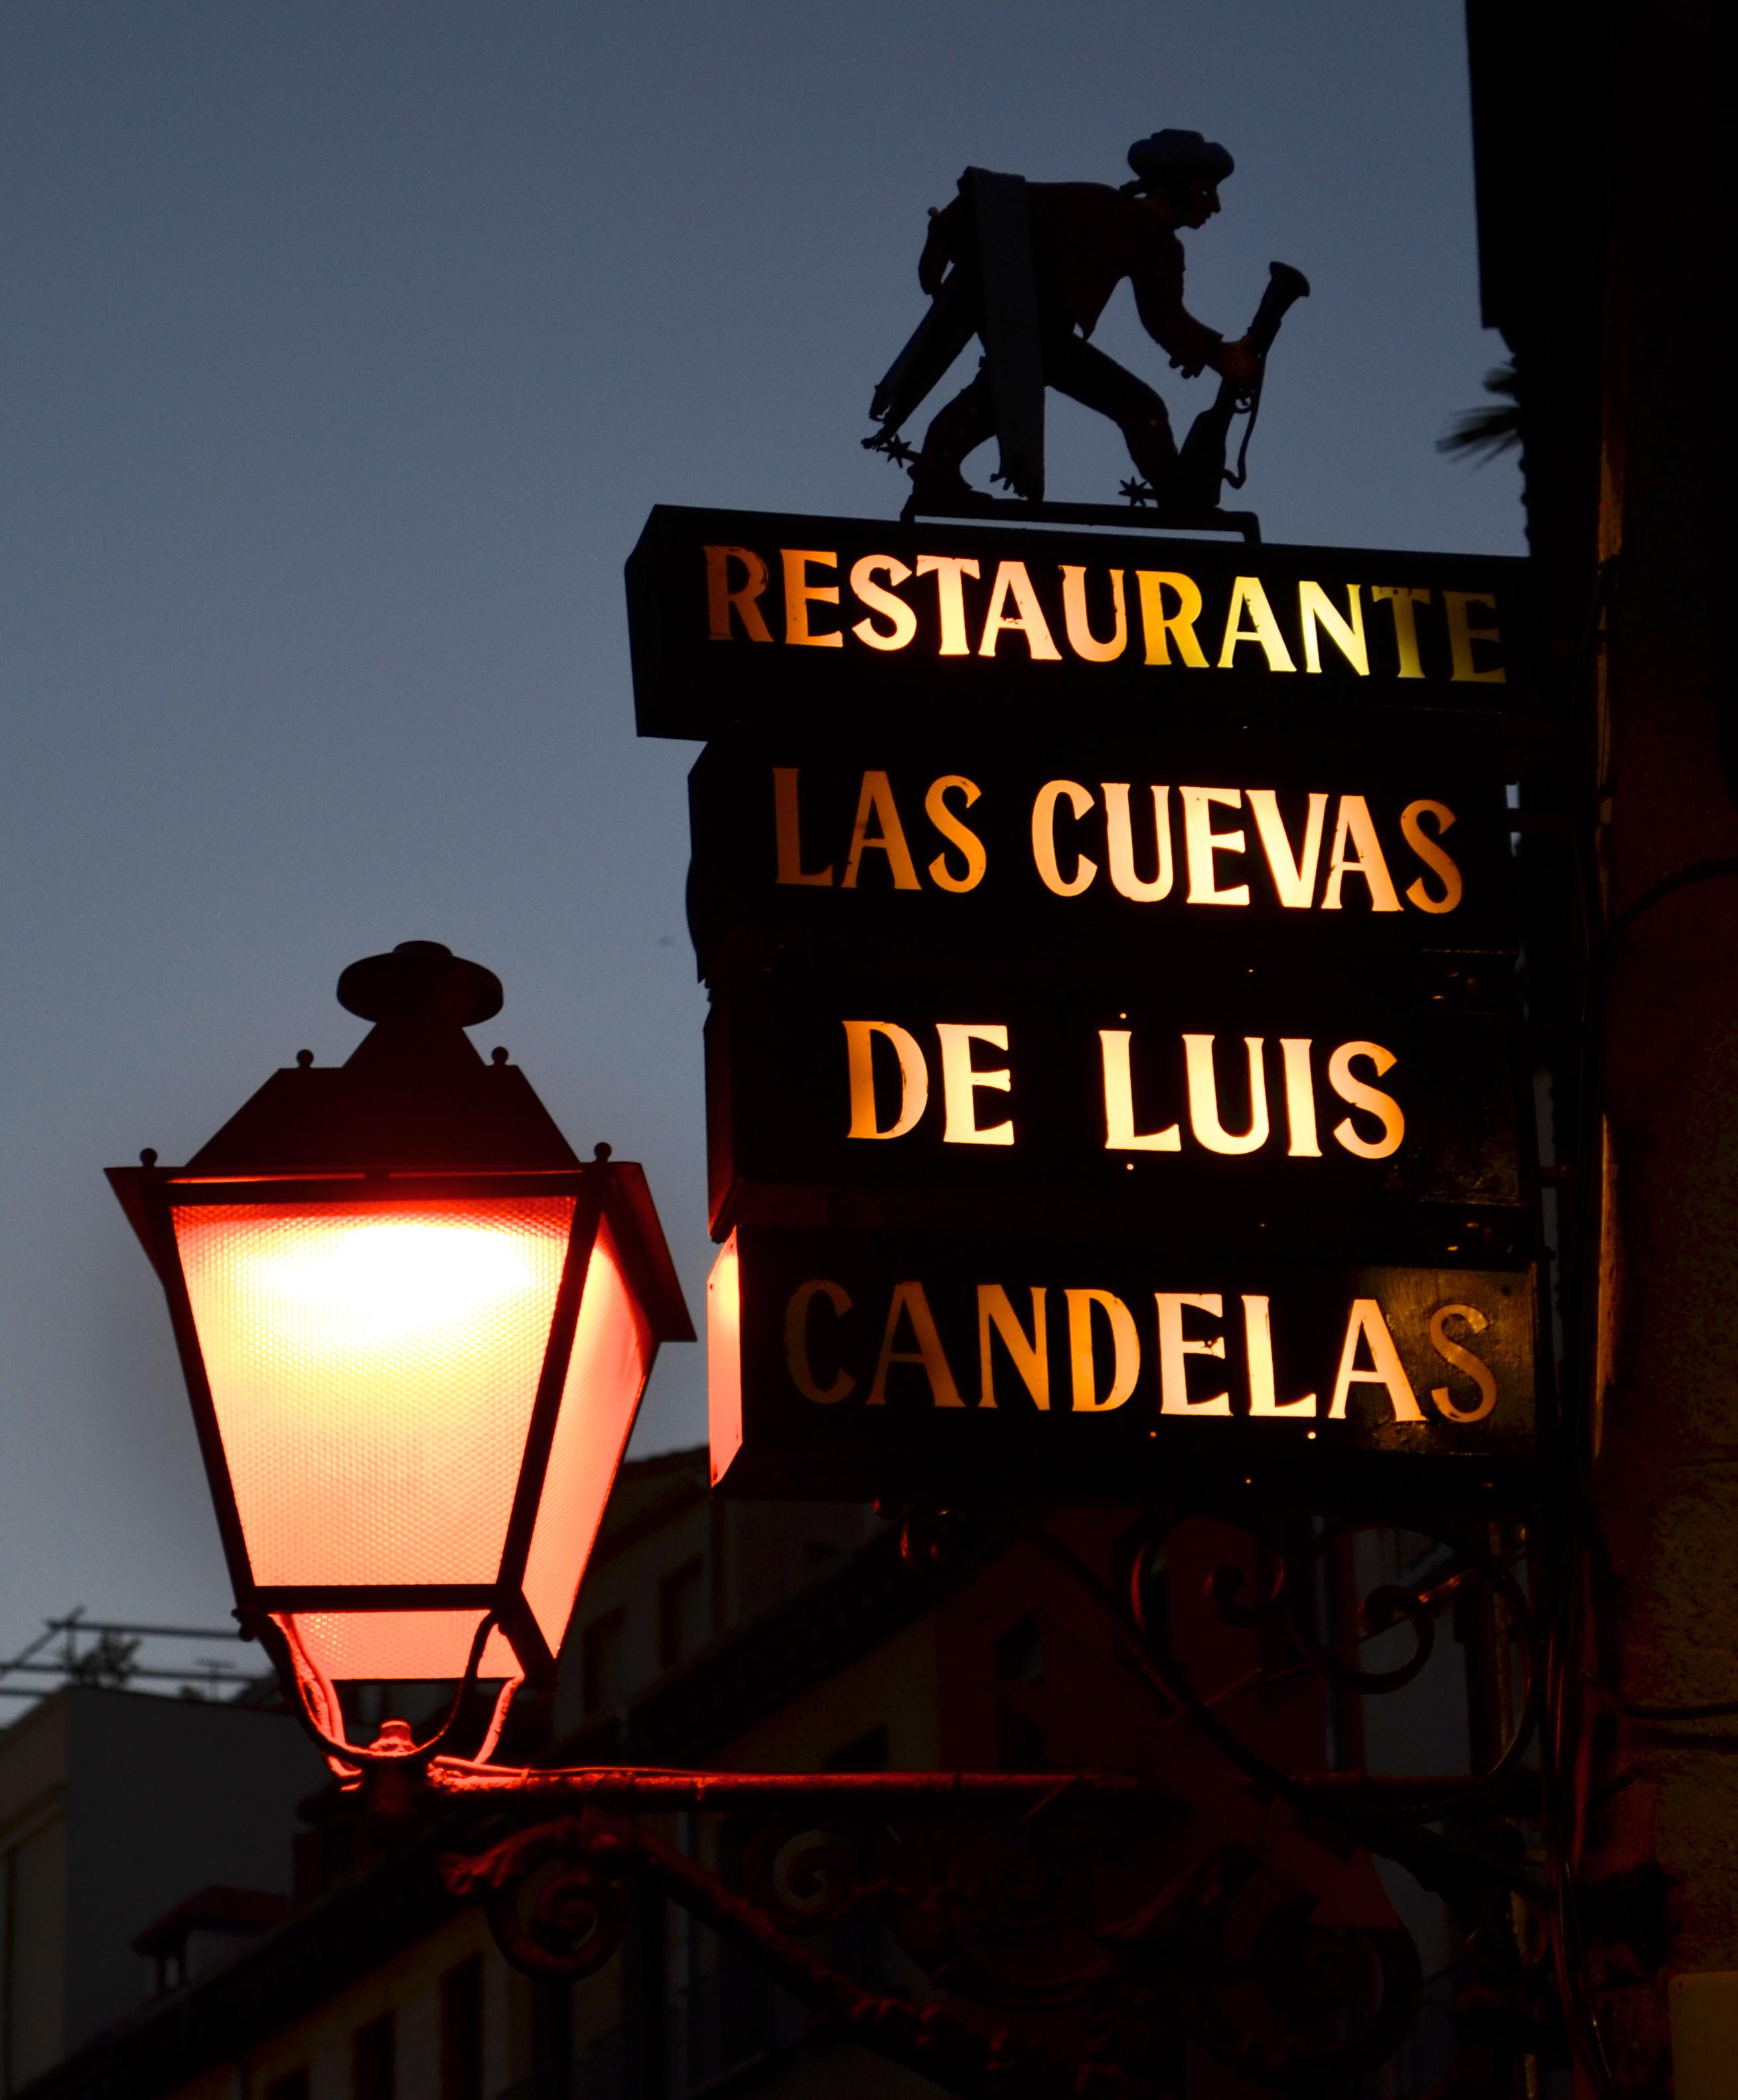 Las Cuevas De Luis Candelas Madrid Spain Afterorange County